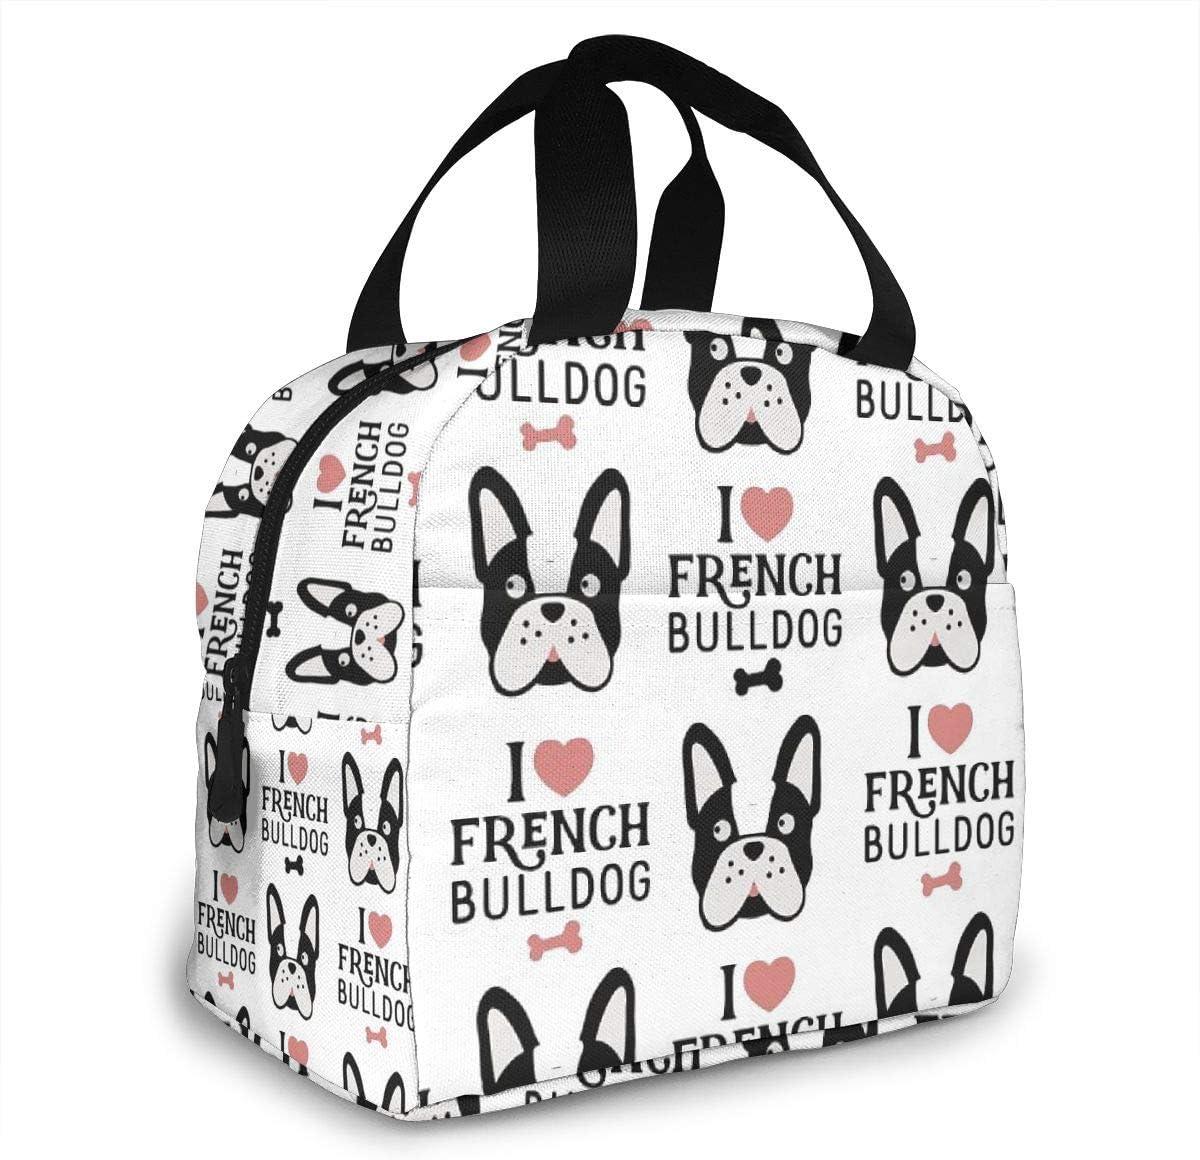 Hungry French Bulldog perro vajilla Utensilios listo para comer aislado de neopreno bolsas de almuerzo para mujeres para el trabajo adultos hombres ni/ños Picnic lonchera moderna bolsa de almuerzo